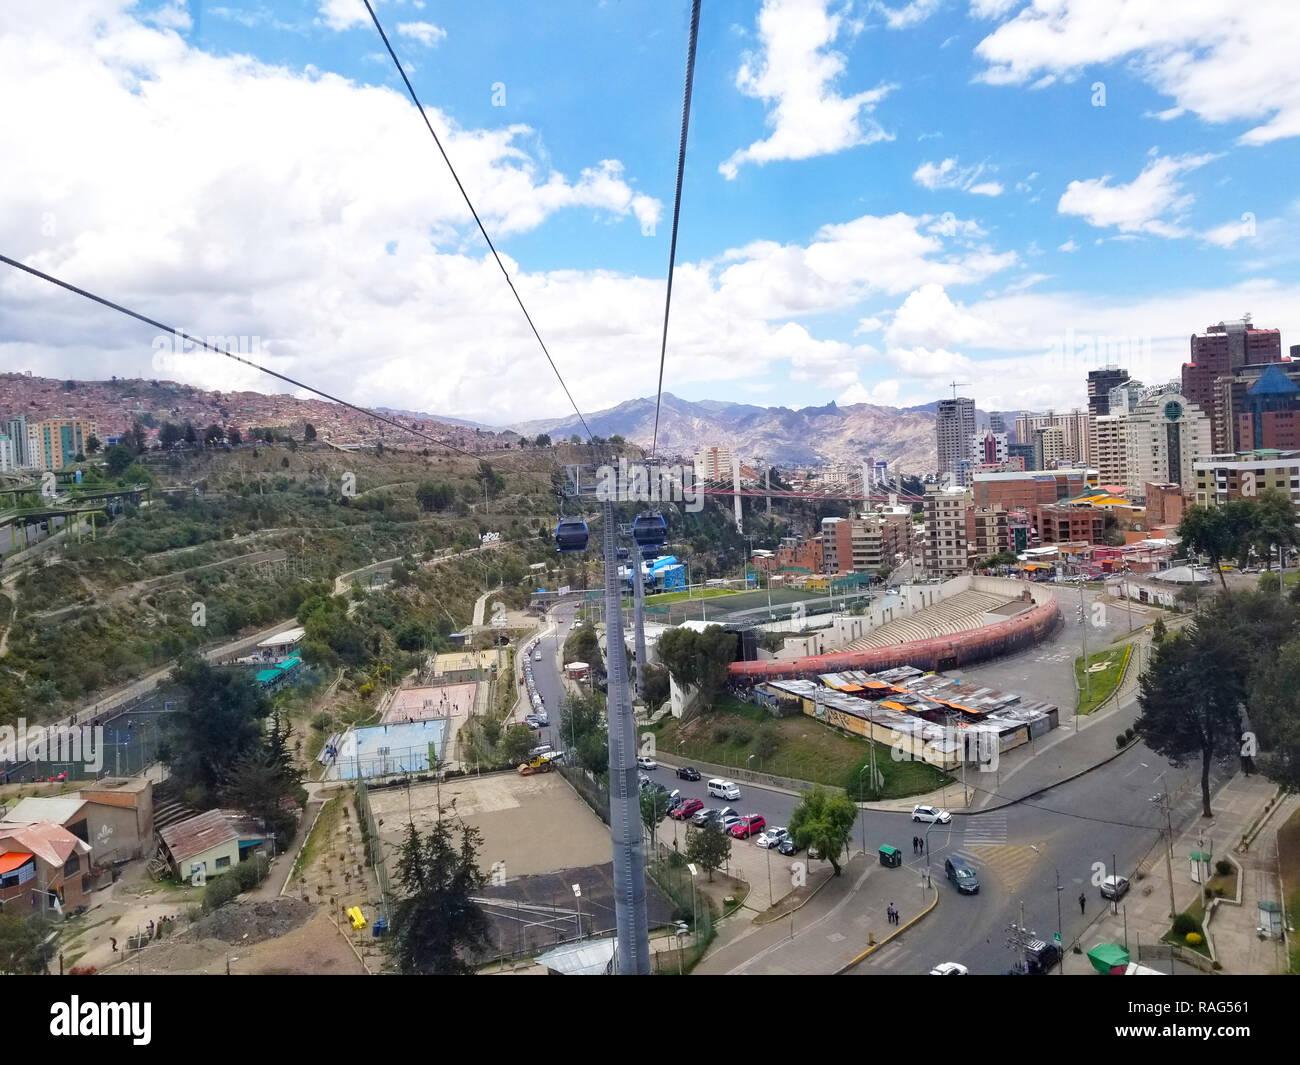 LA PAZ, BOLIVIA, DEC 2018: Aerial view of La Paz, Bolivia from a cable car. City center. South America Stock Photo